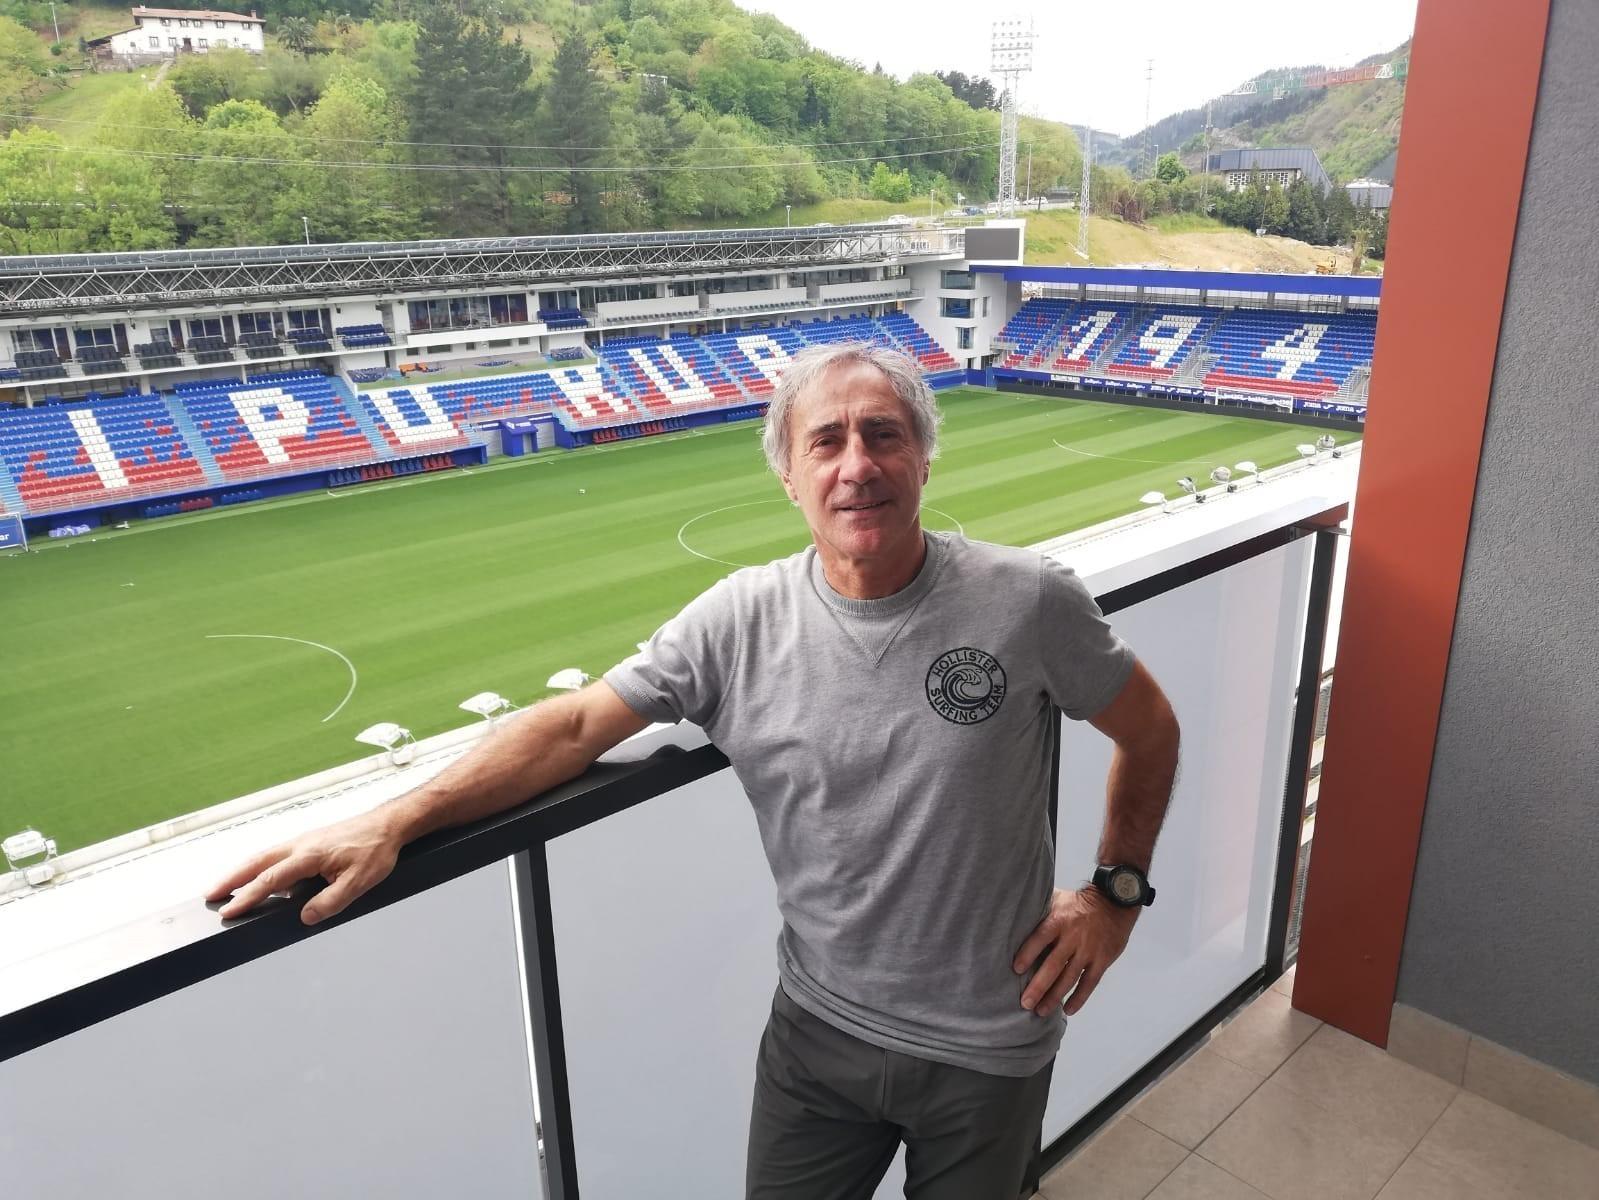 Foto Xepe Gallastegi posa para lt;HIT gt;MARCA lt;/HIT gt; en el balcón de su casa donde se ve estadio lt;HIT gt;Ipurúa lt;/HIT gt; (cedida por Xepe Gallastegi)